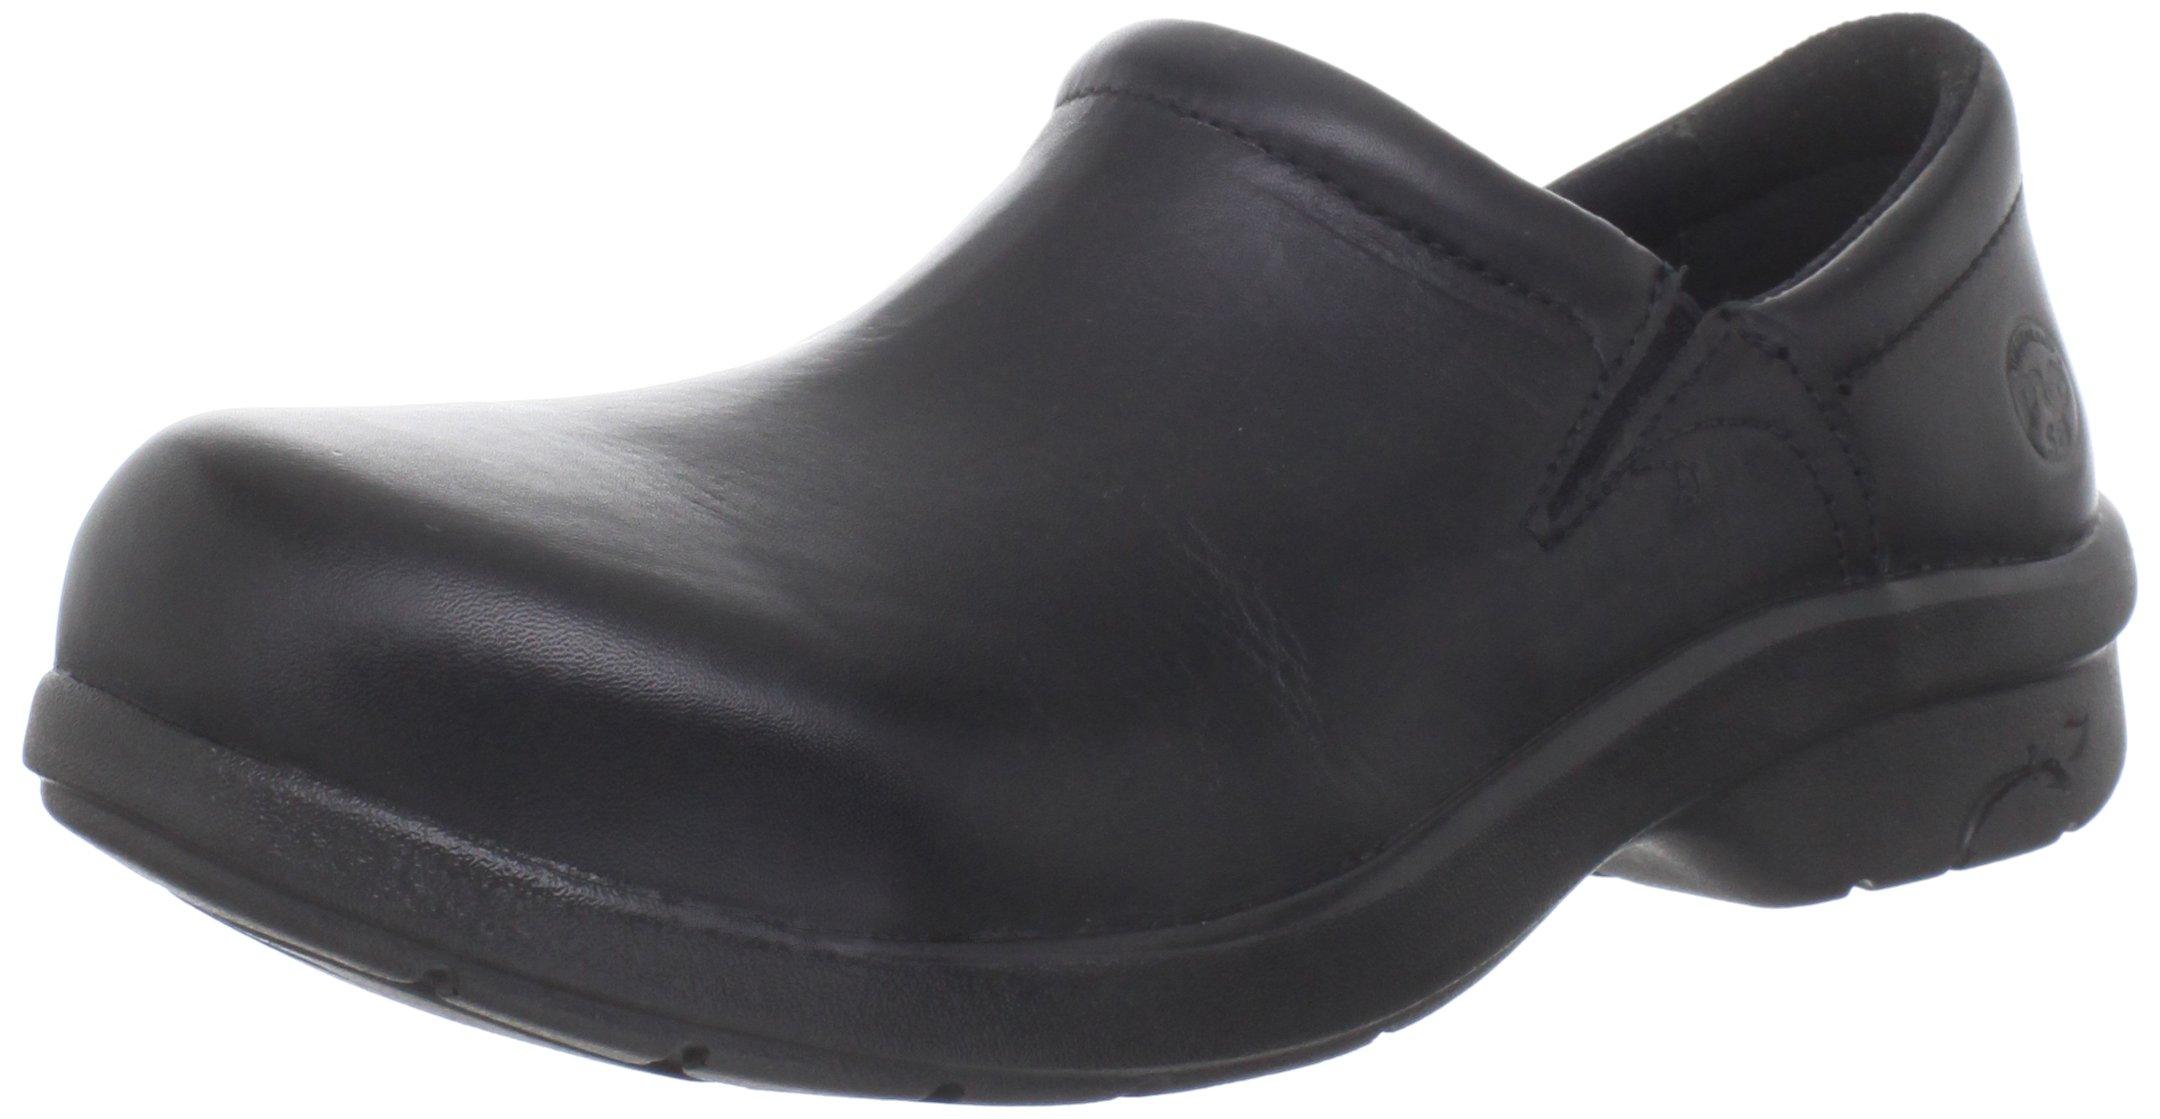 Timberland PRO Women's Newbury ESD Slip-On,Black,5.5 M US